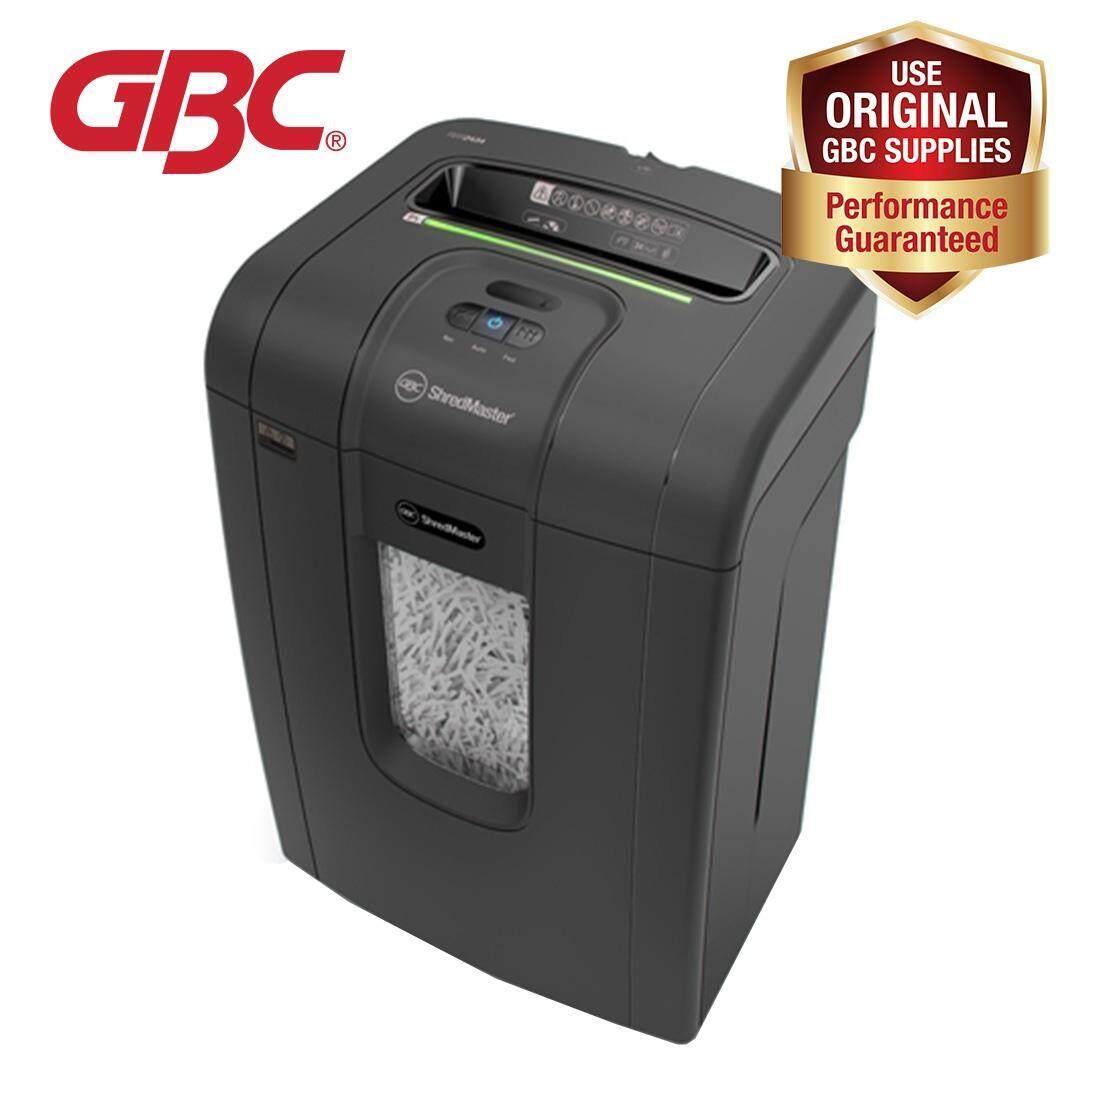 GBC Mercury RSS2434 Small Office Shredder